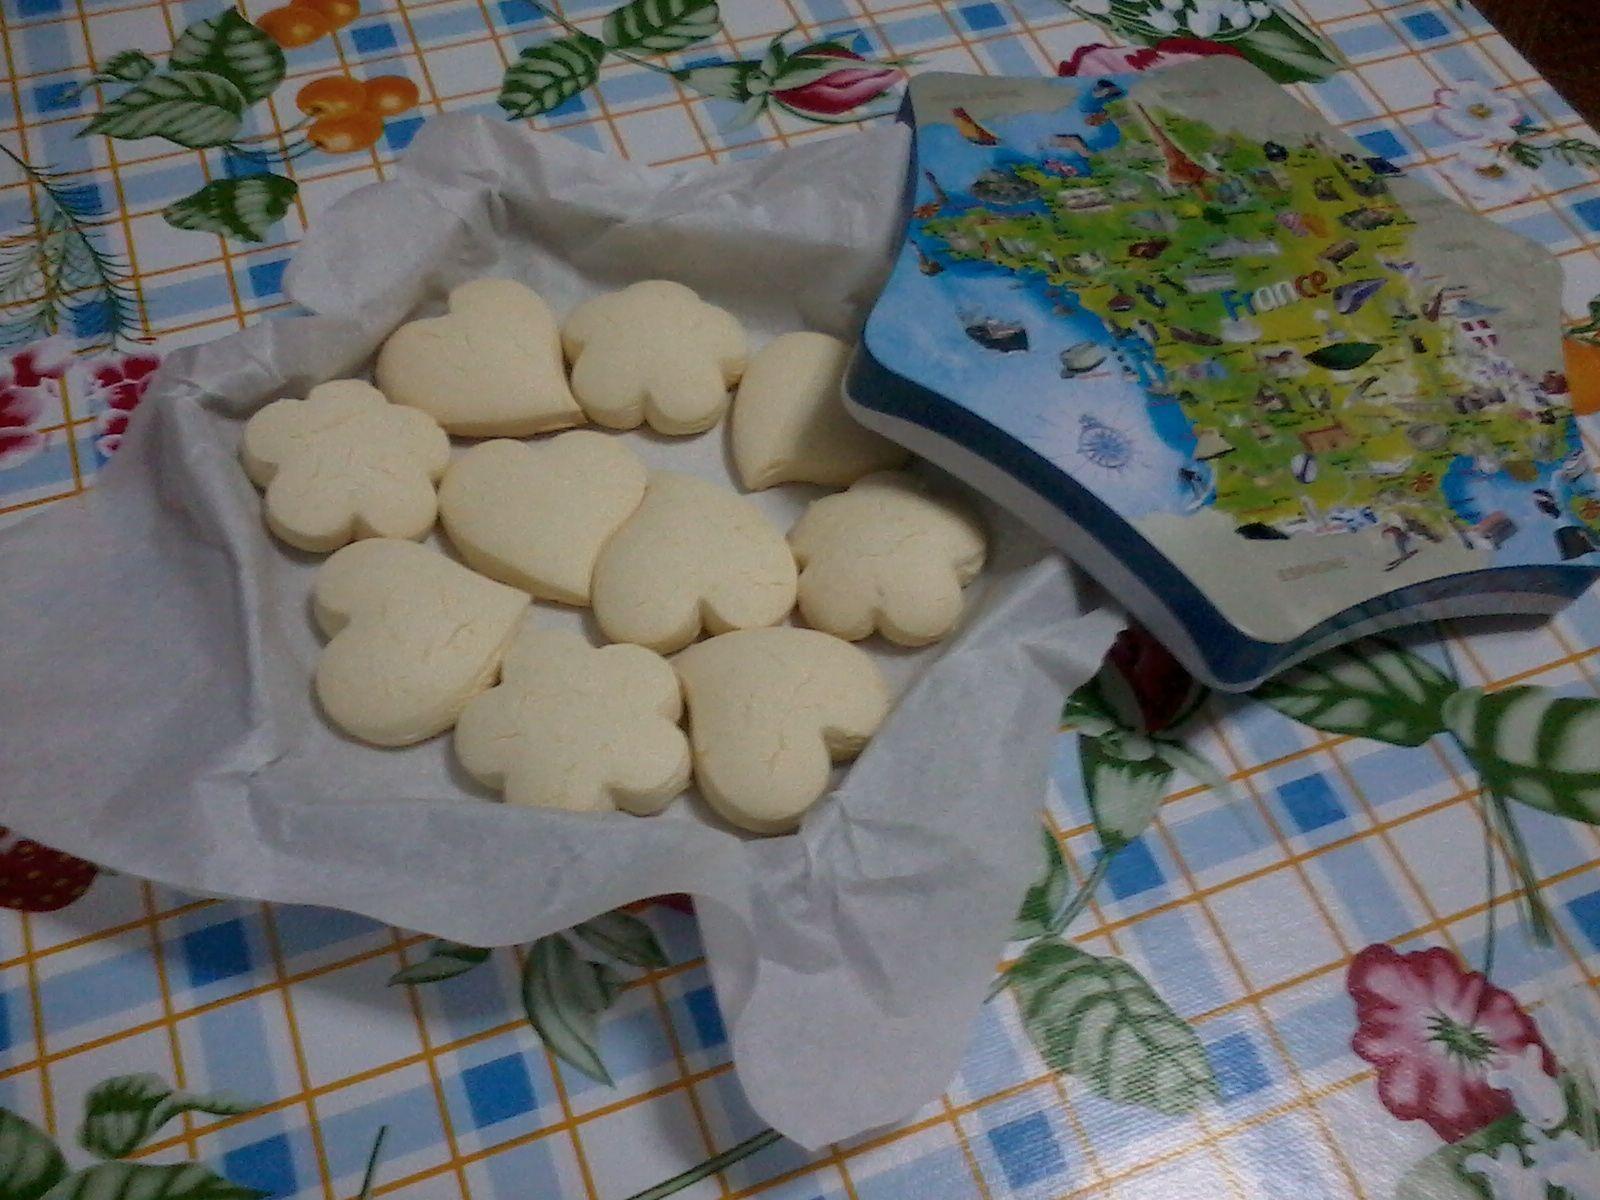 Biscoitinhos de amido de milho